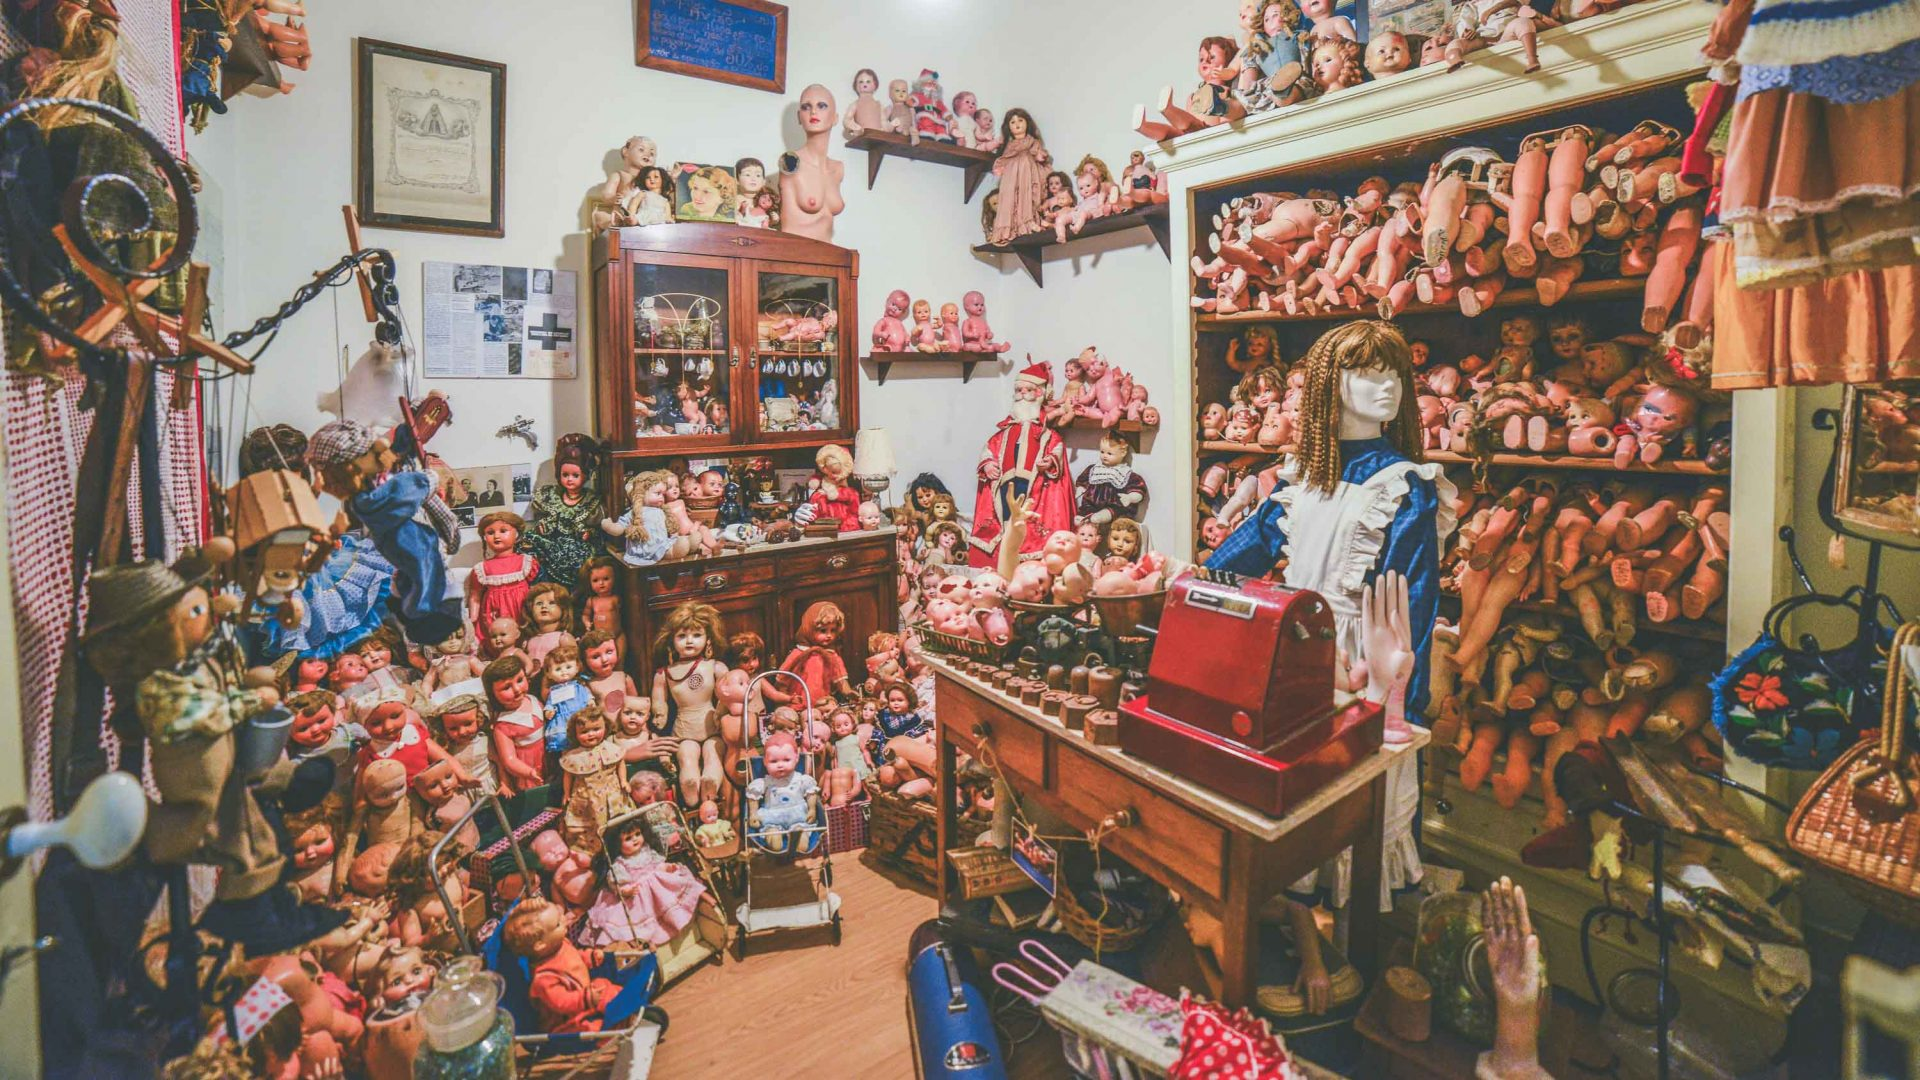 The art of mending memories: Inside the world's oldest surviving doll hospital